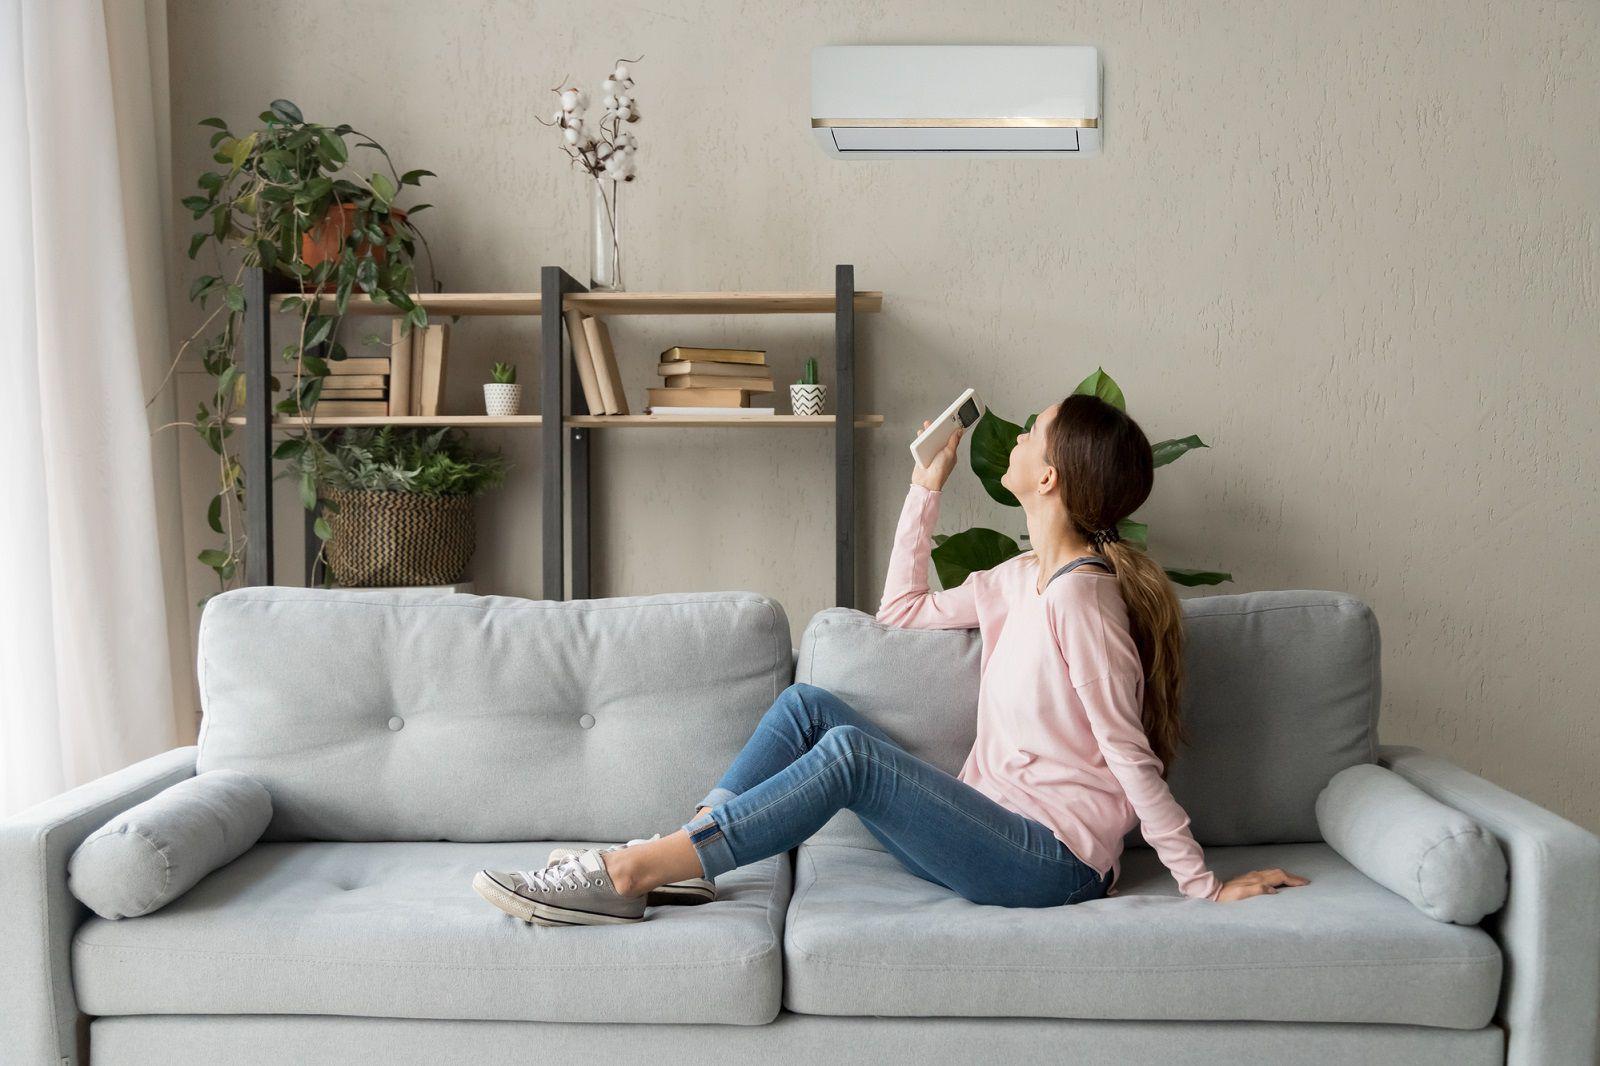 Rinfrescare Casa Fai Da Te non solo aria condizionata: una panoramica sui sistemi per